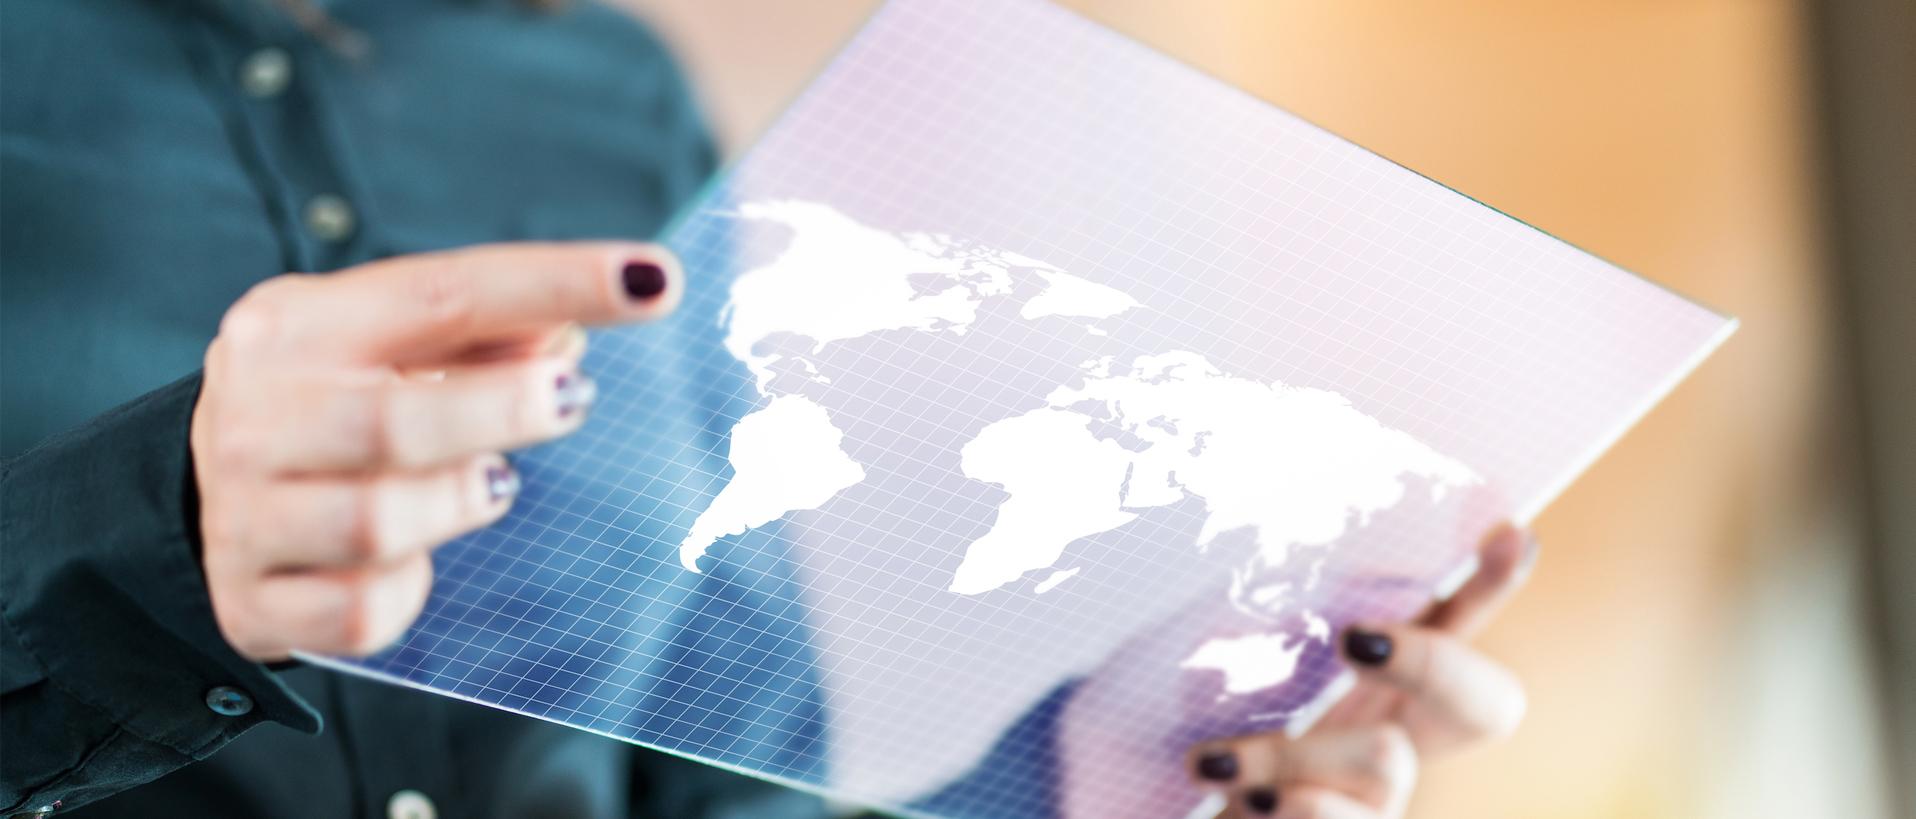 Eine Person hält eine auf Glas gedruckte Weltkarte